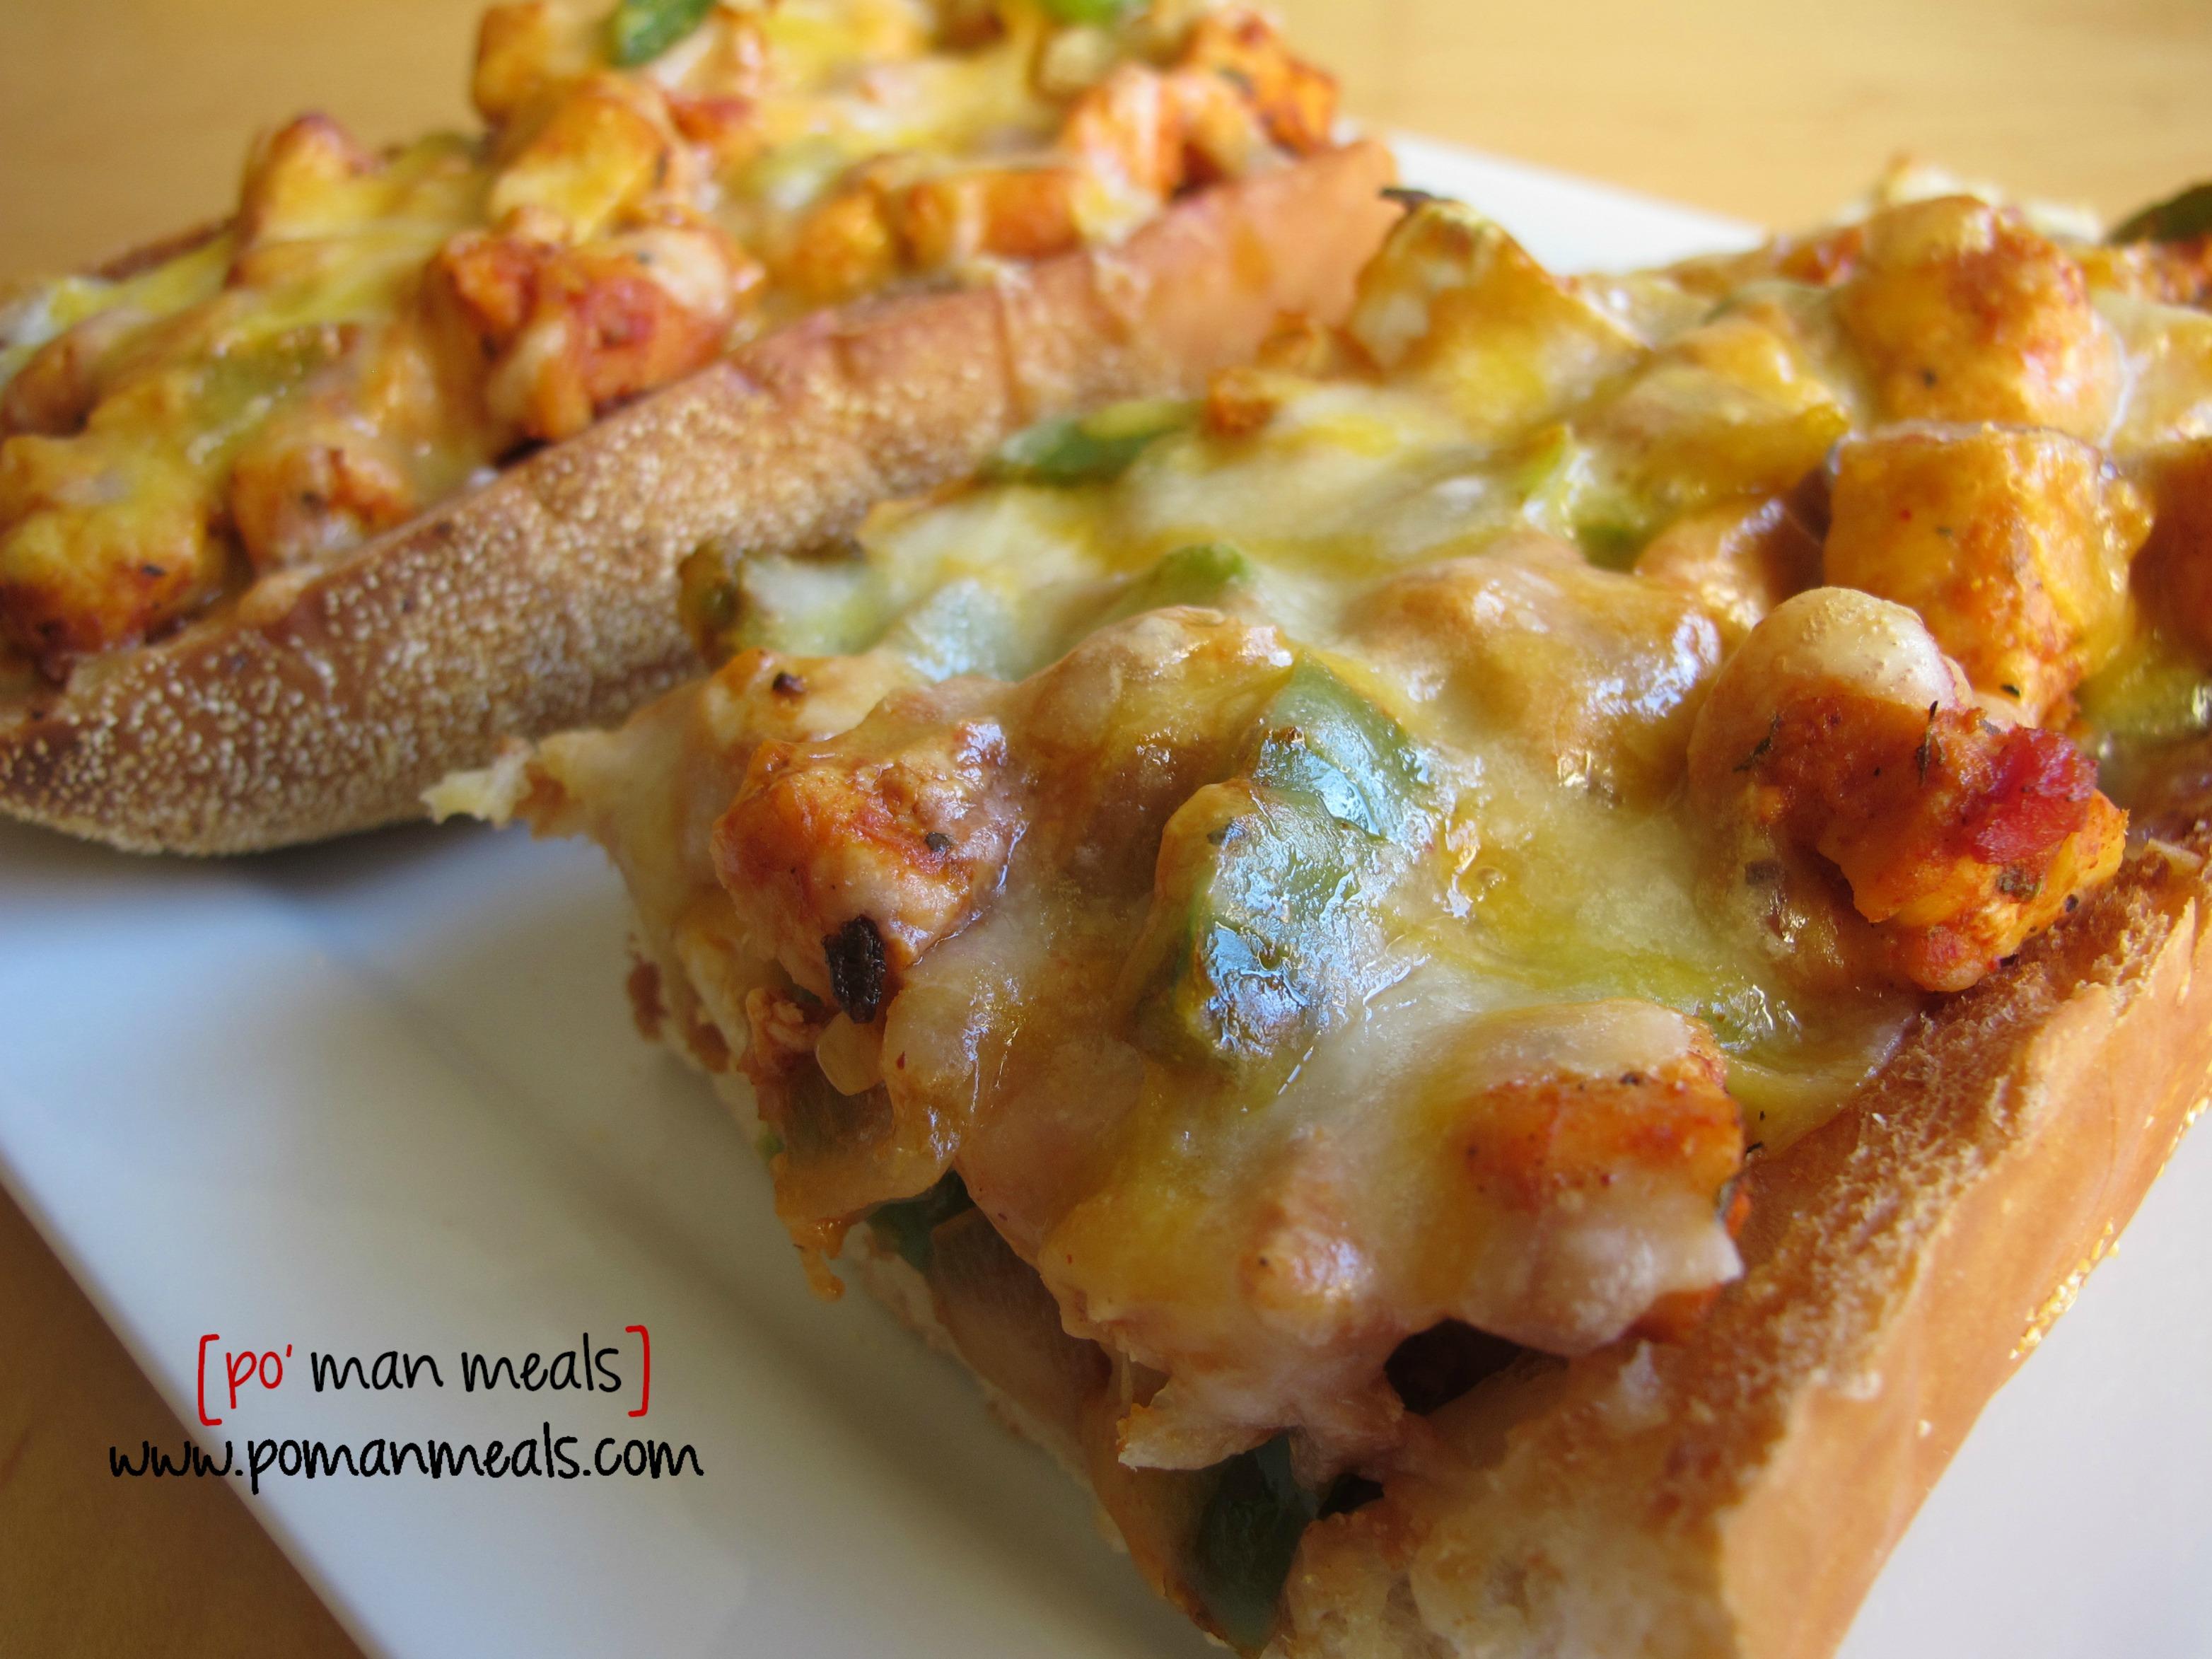 po' man meals - chicken fajita french bread pizza